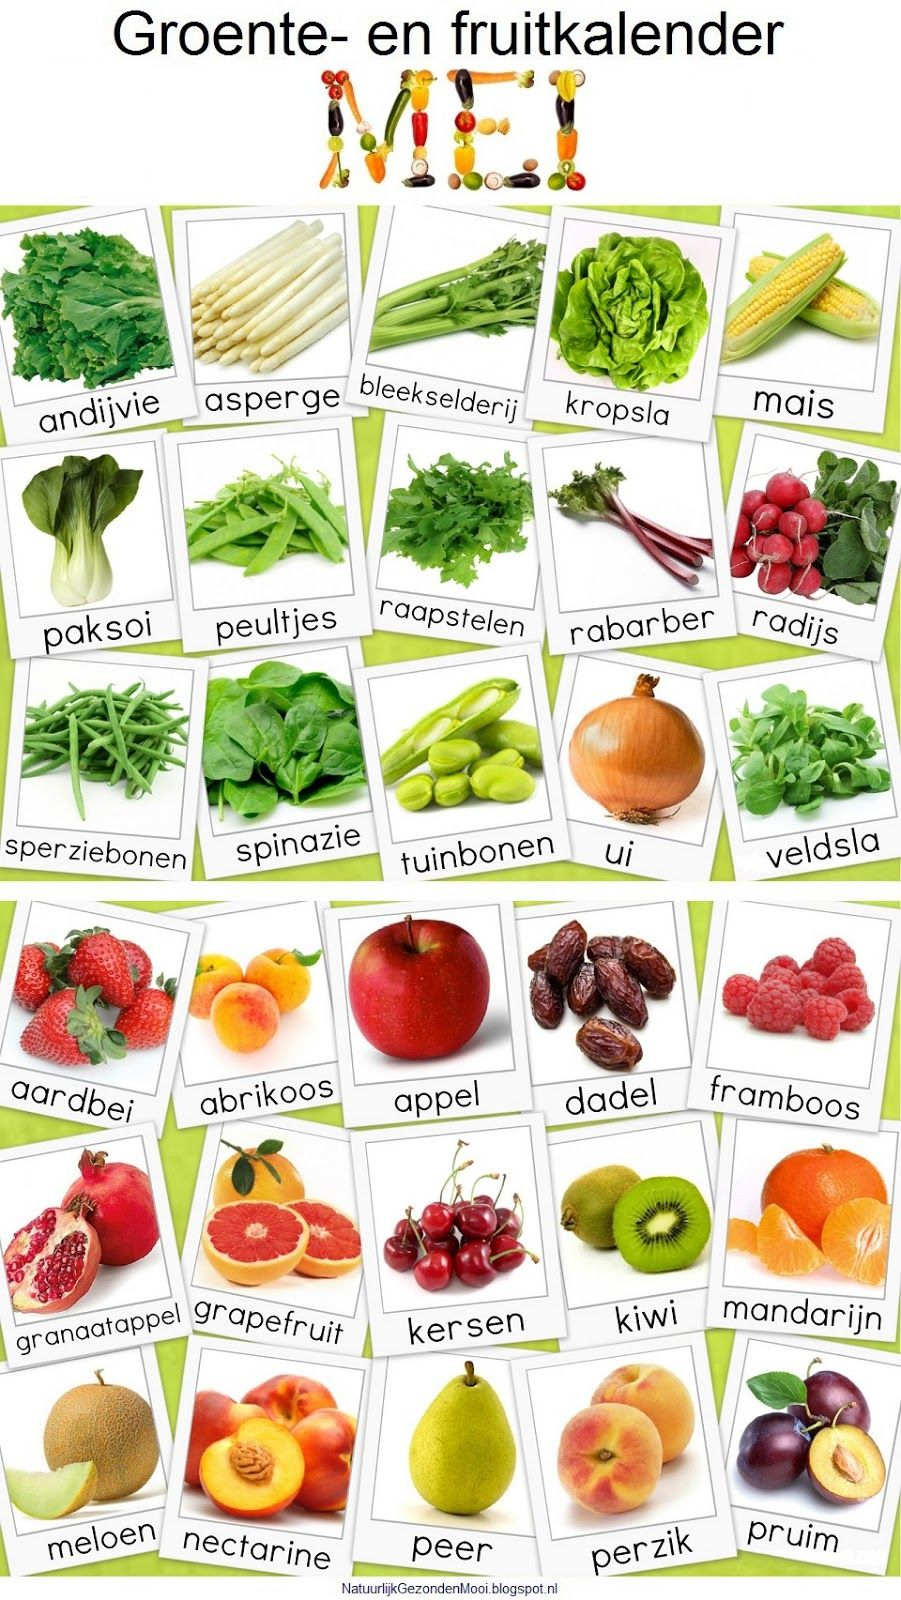 Afbeeldingsresultaat voor groenten en fruitkalender mei